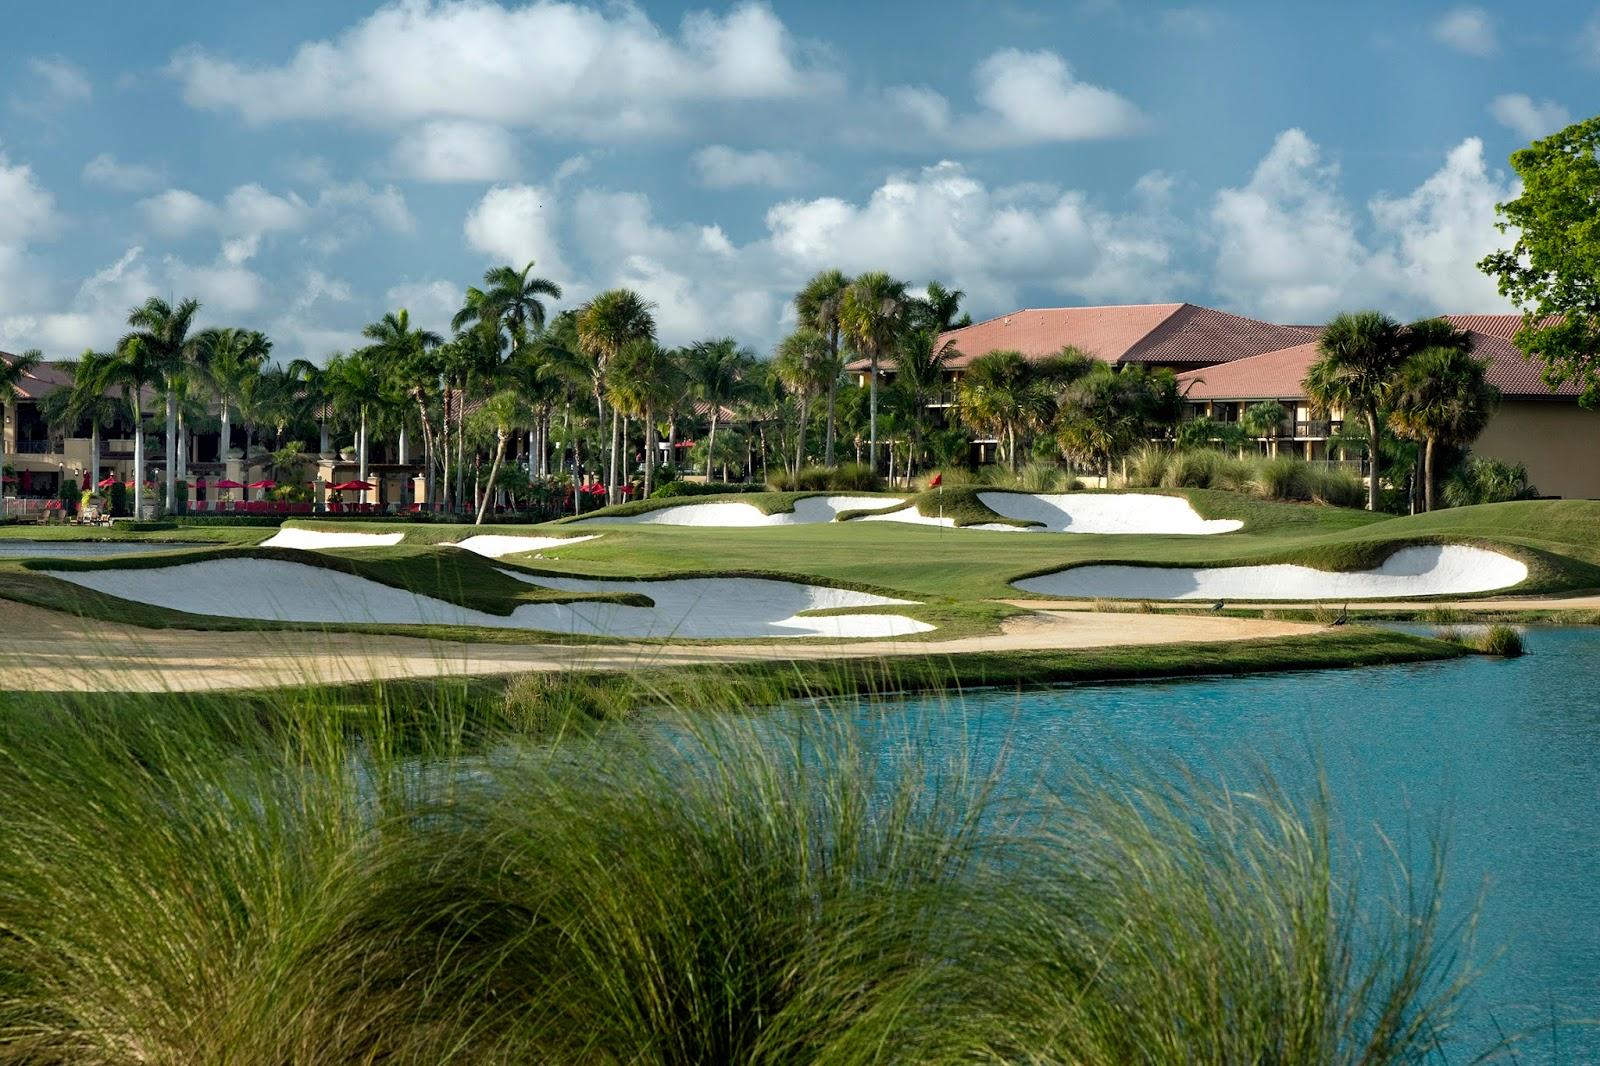 ComeSeeOrlando.com: South Florida